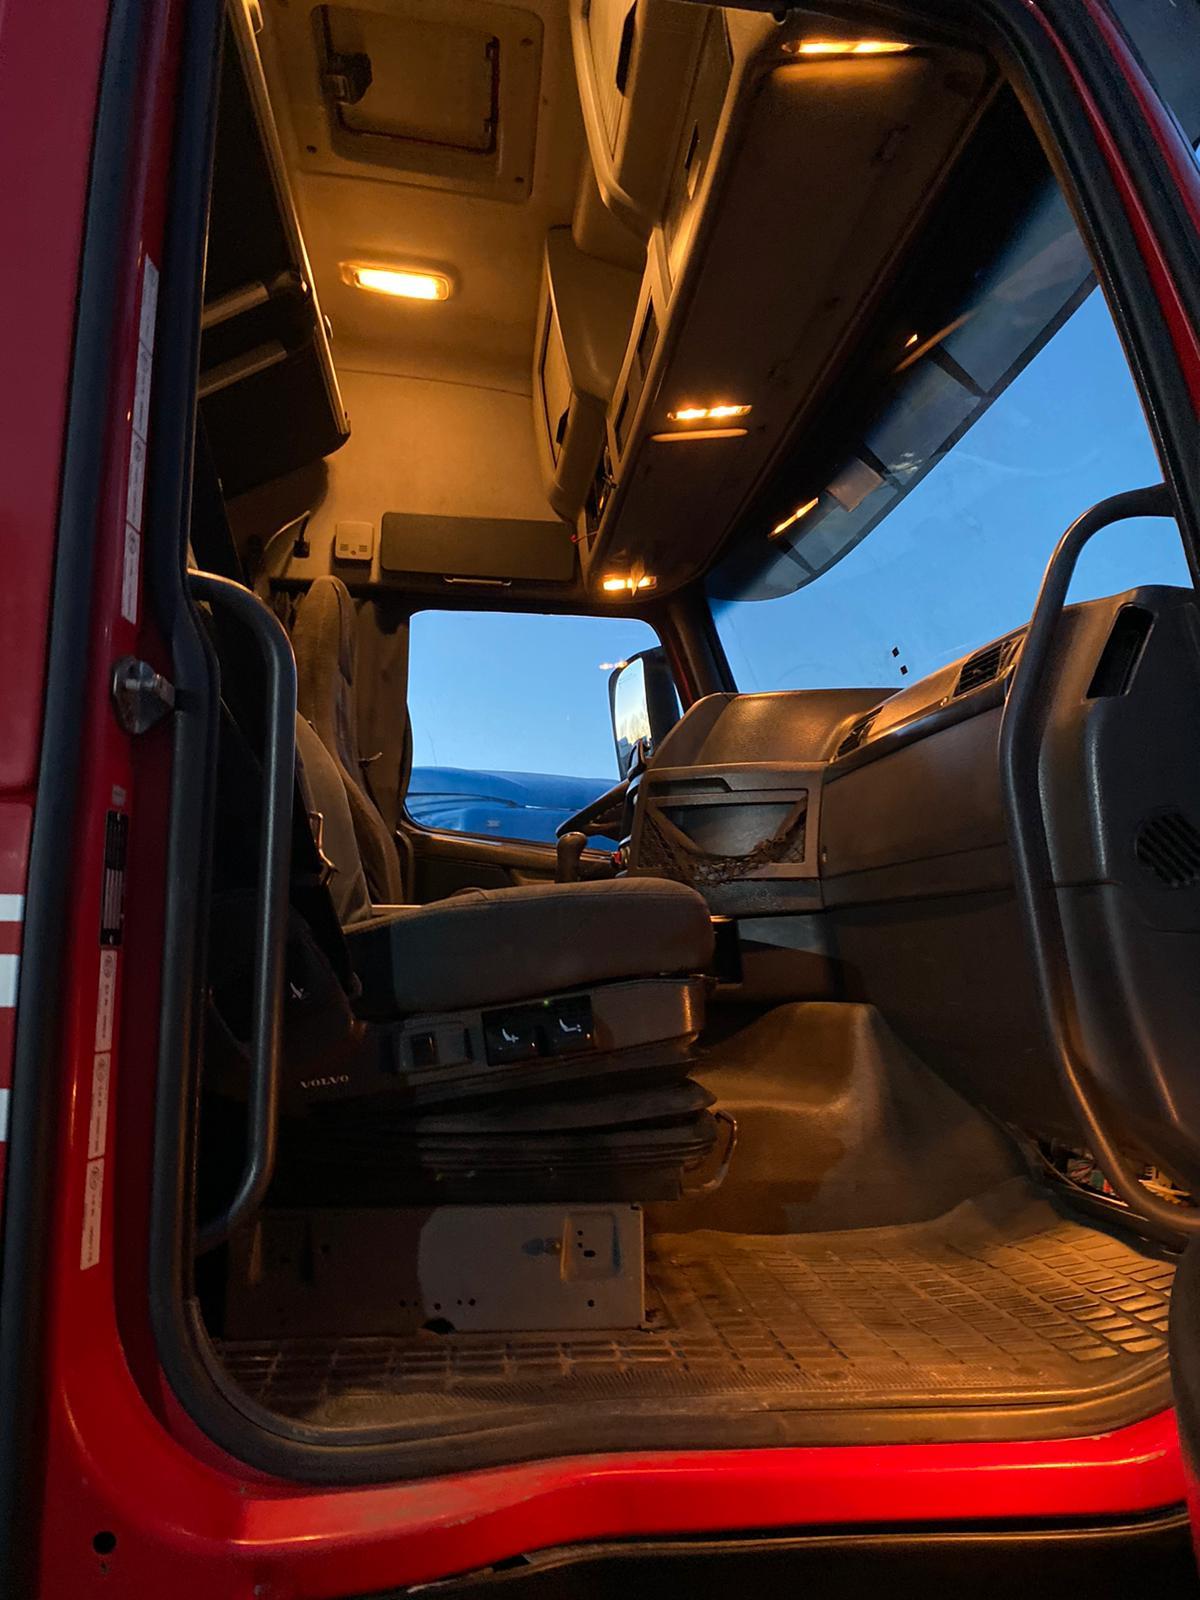 للجادين فقط ..  للبيع الفوري بحالة ممتازة وسعر مناسب شاحنه فولفو 2×4  طراز fh  460 924963441